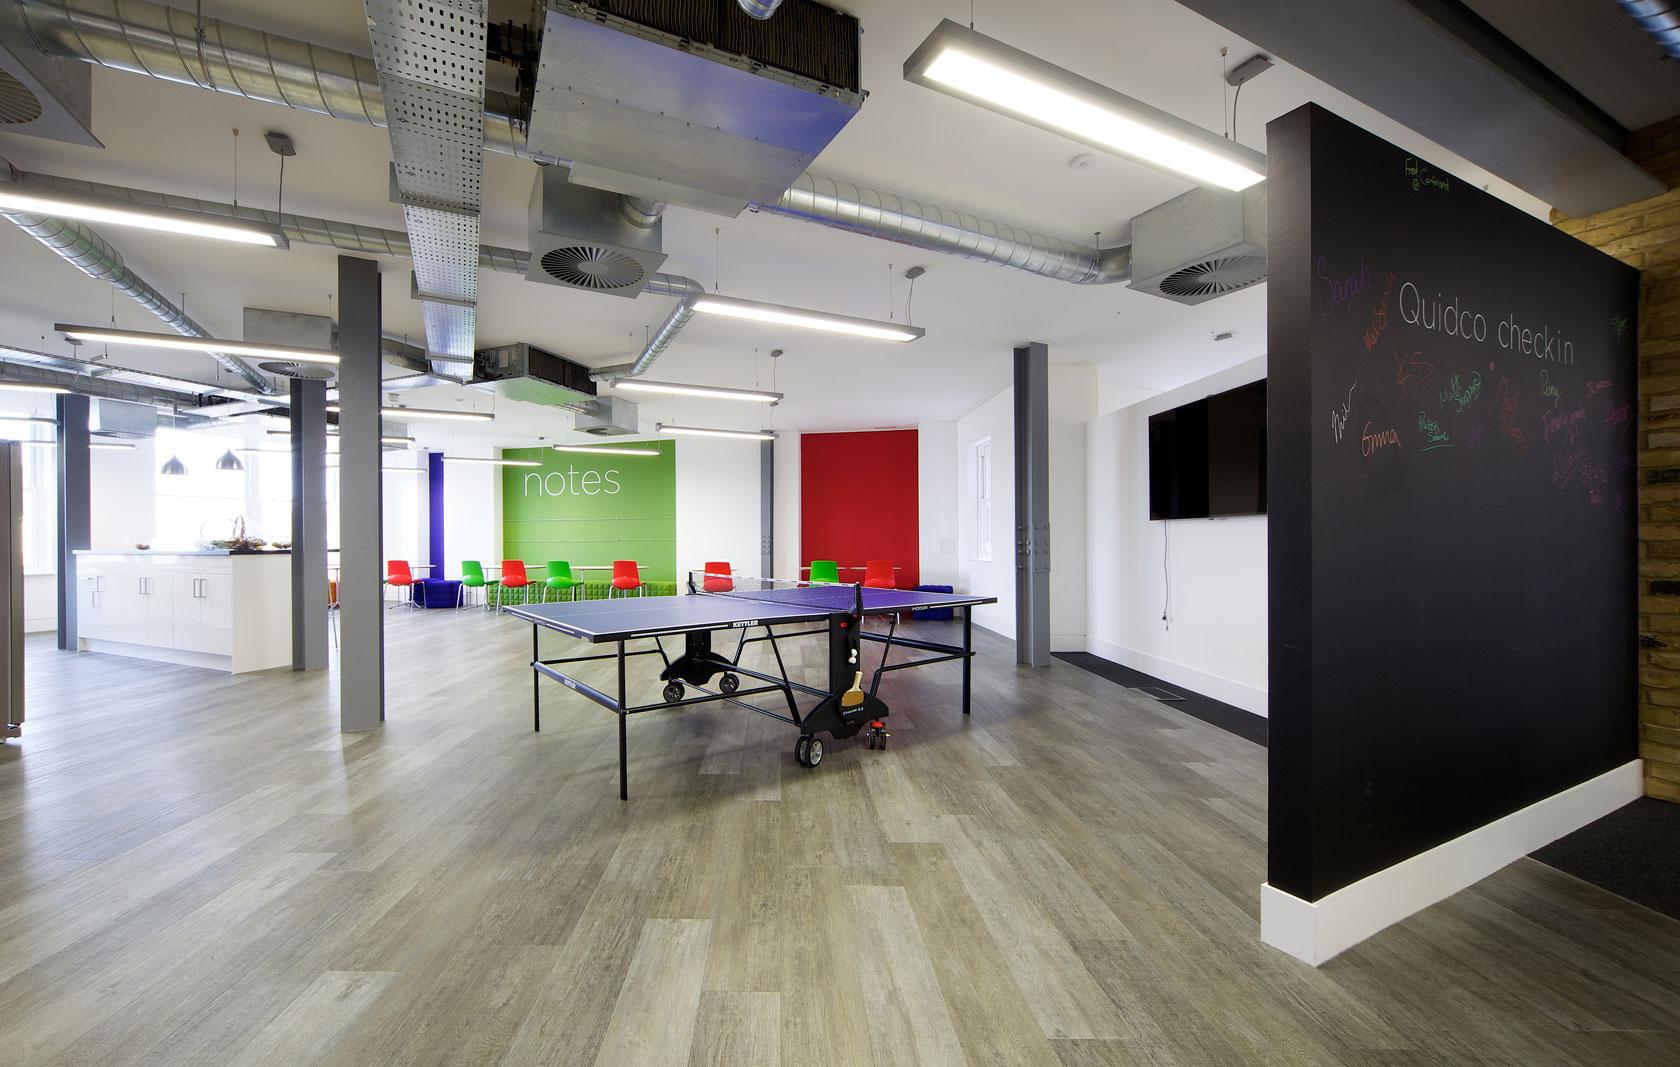 A Peek Inside Quidcos Funky London Office